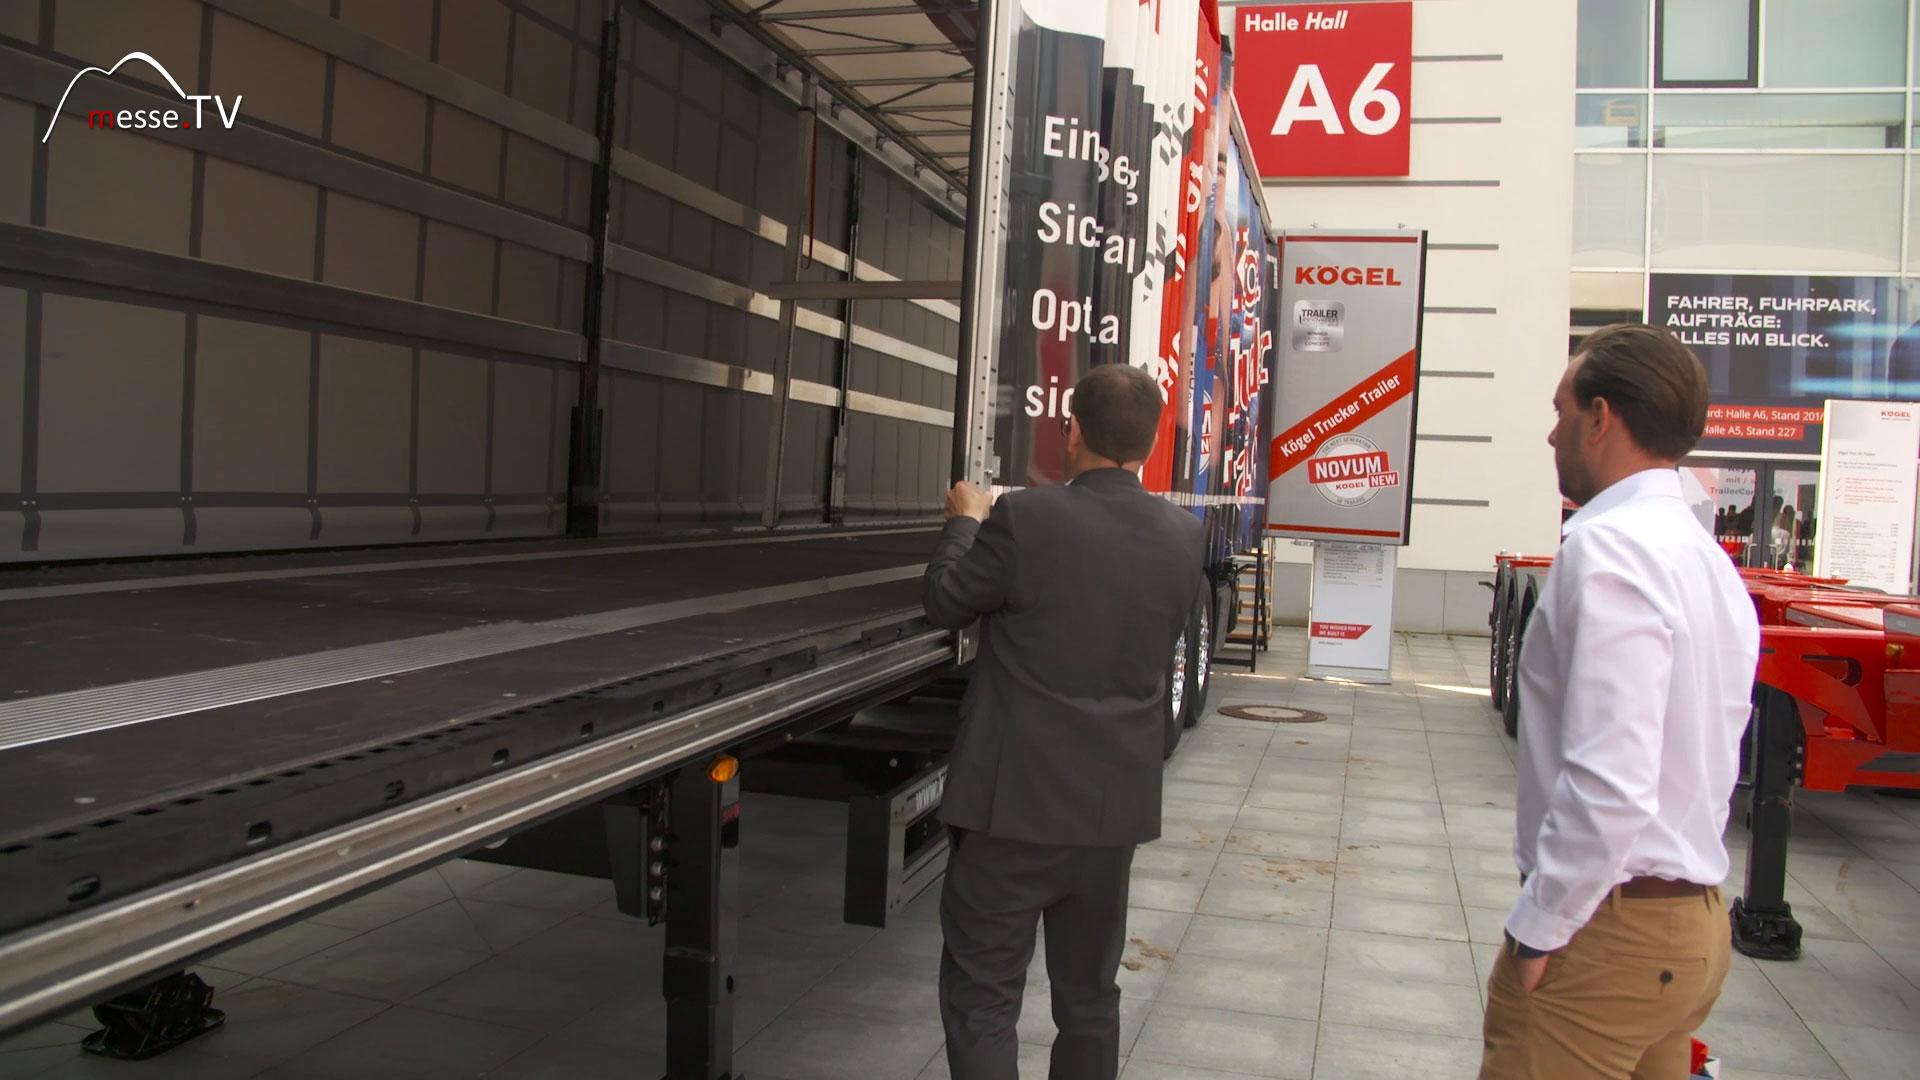 KÖGEL Trailer: LKW-Plane Verschluss mit Slider